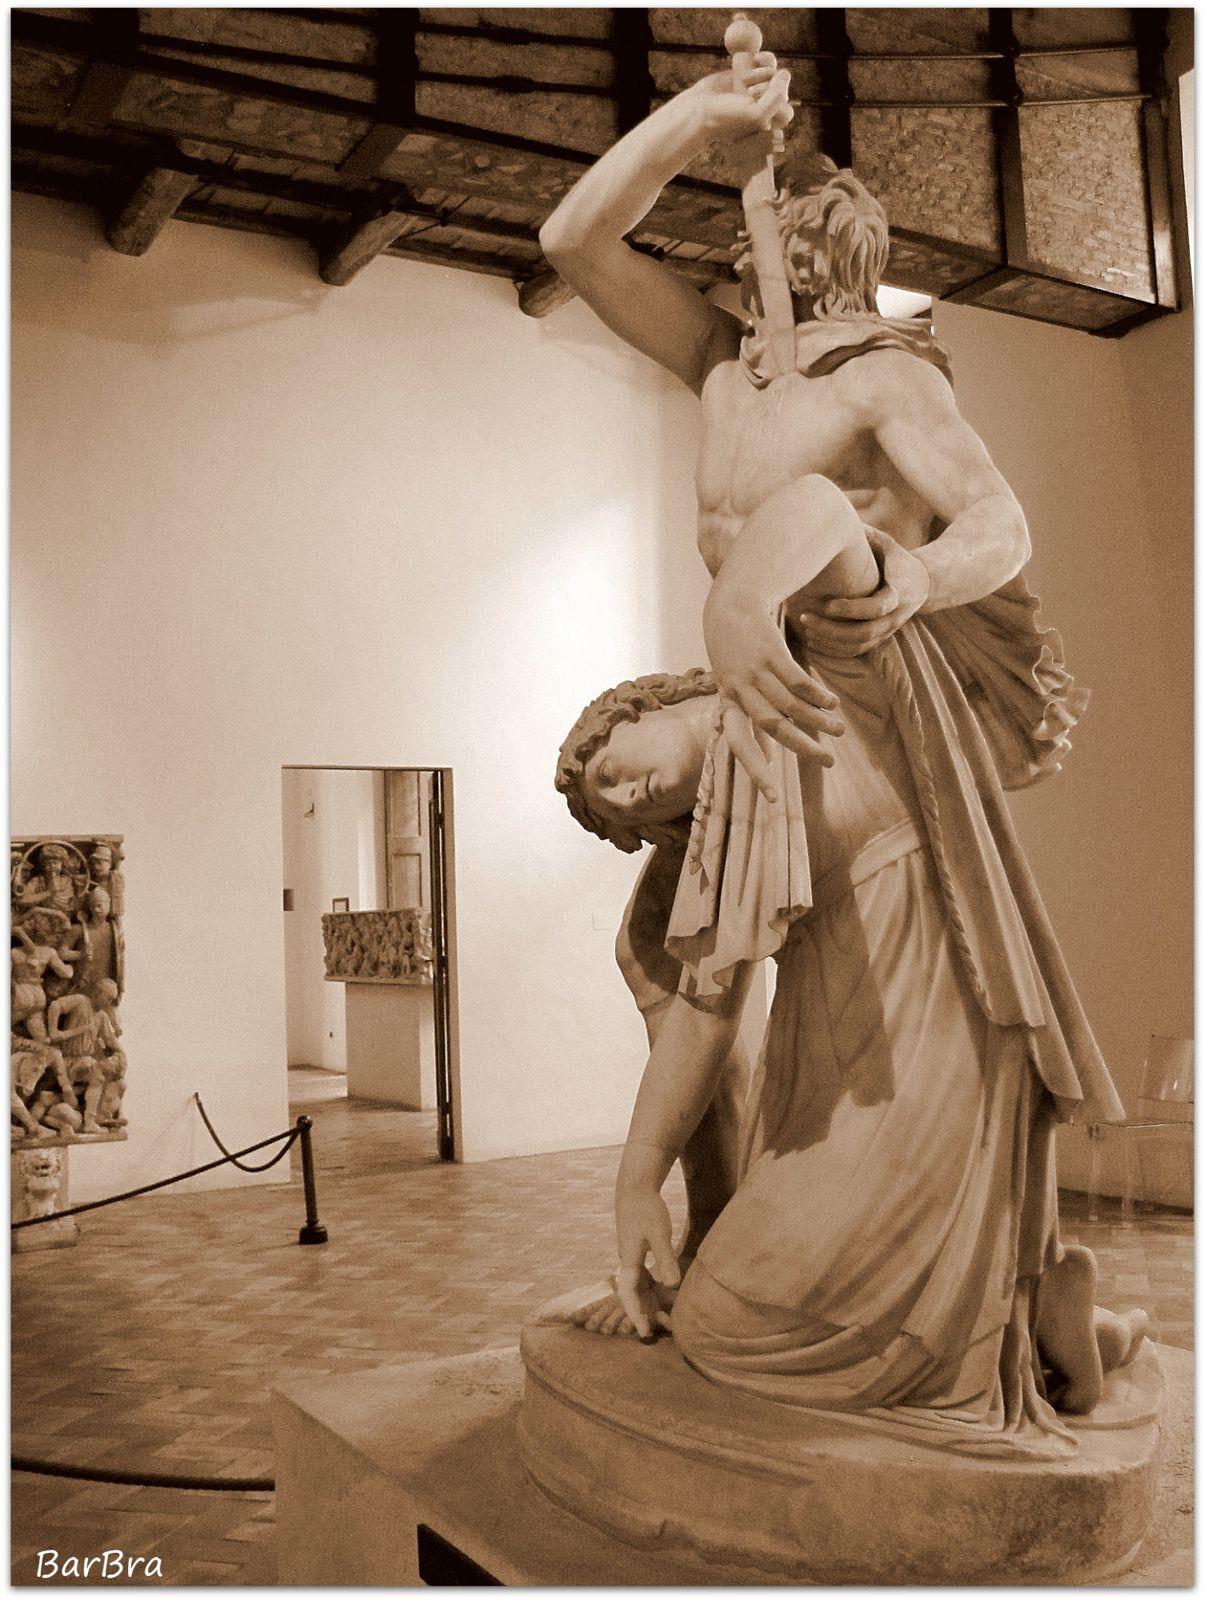 La donna, già piegata sulle ginocchia, si abbandona, ormai rassegnata, alla morte ... l'uomo, avanza la gamba sinistra per offrirle l'ultimo sostegno e la sorregge per il braccio, mentre lei lentamente si affloscia